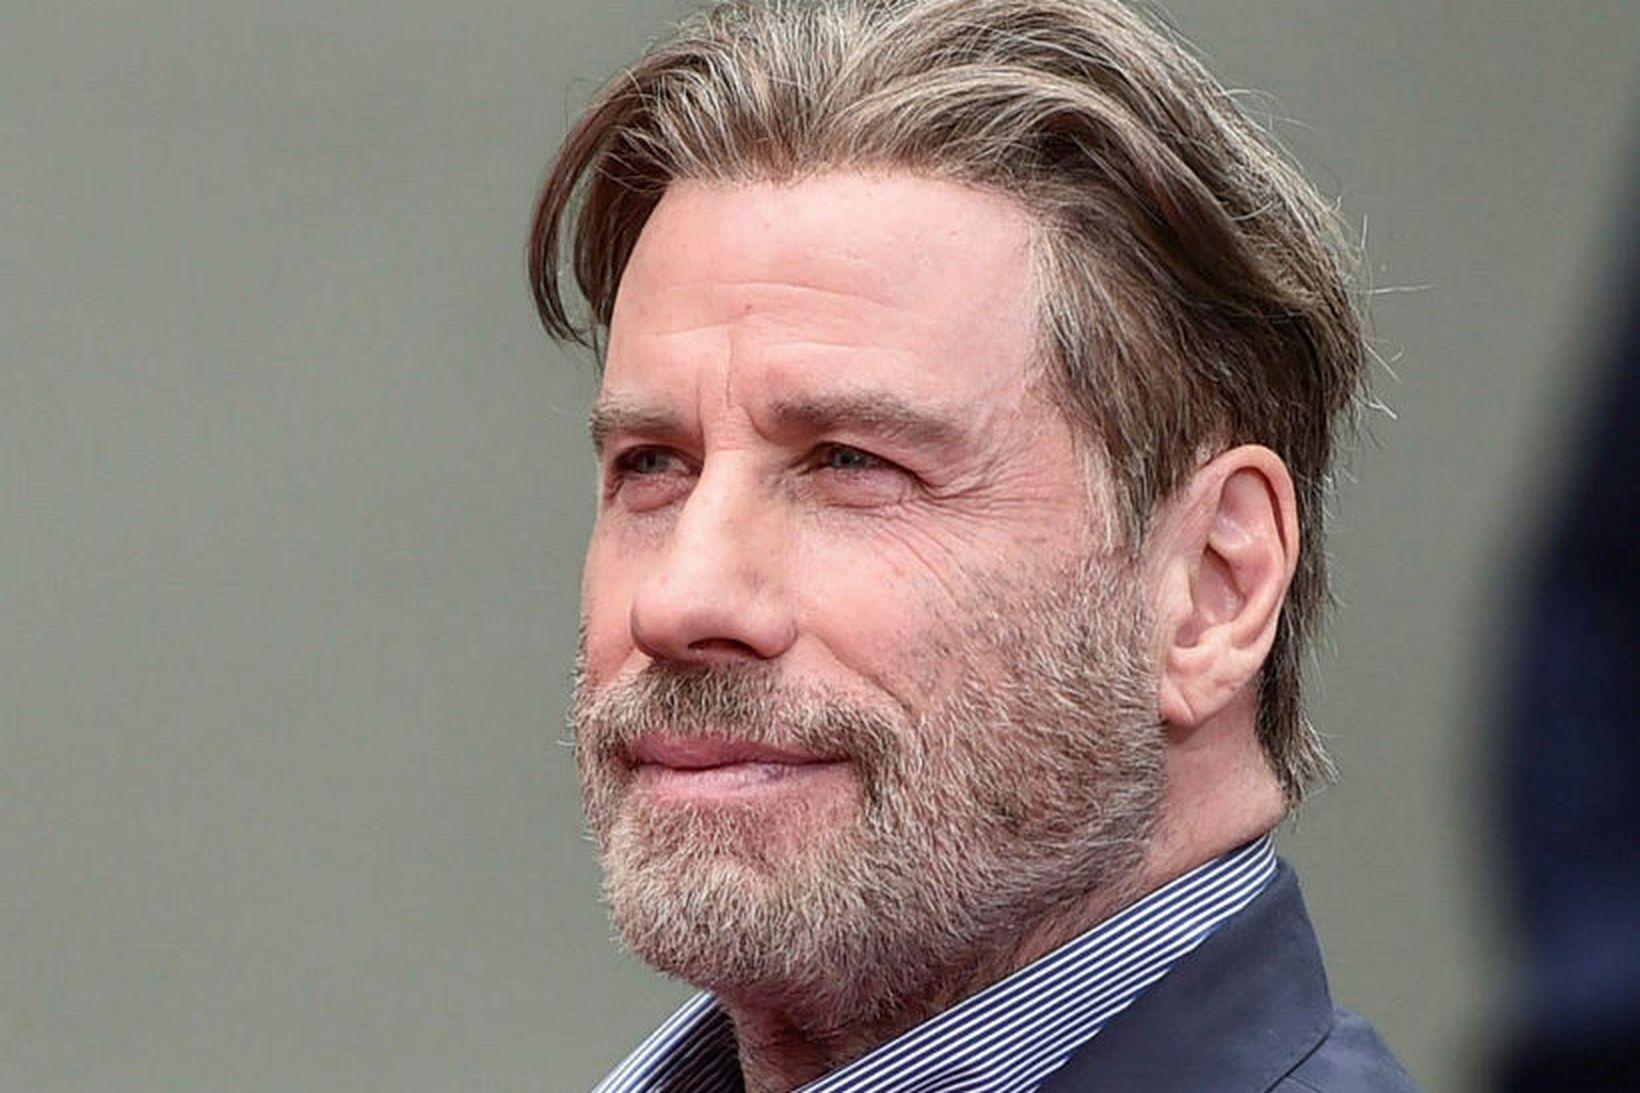 John Travolta var með mikið hár þegar þessi mynd var …